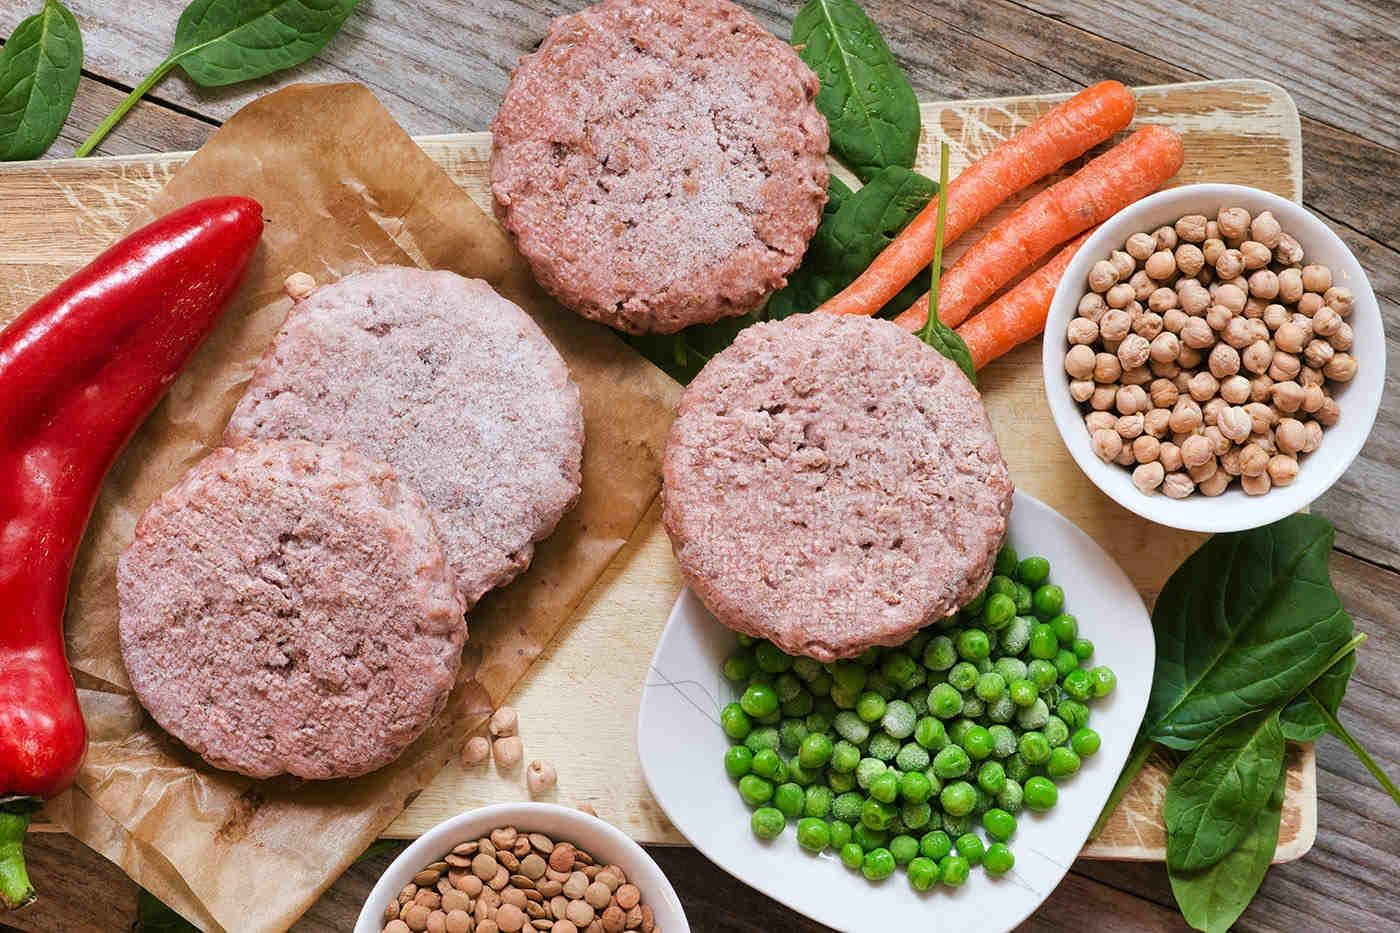 Carnea și înlocuitorii de carne: care sunt diferențele nutriționale?